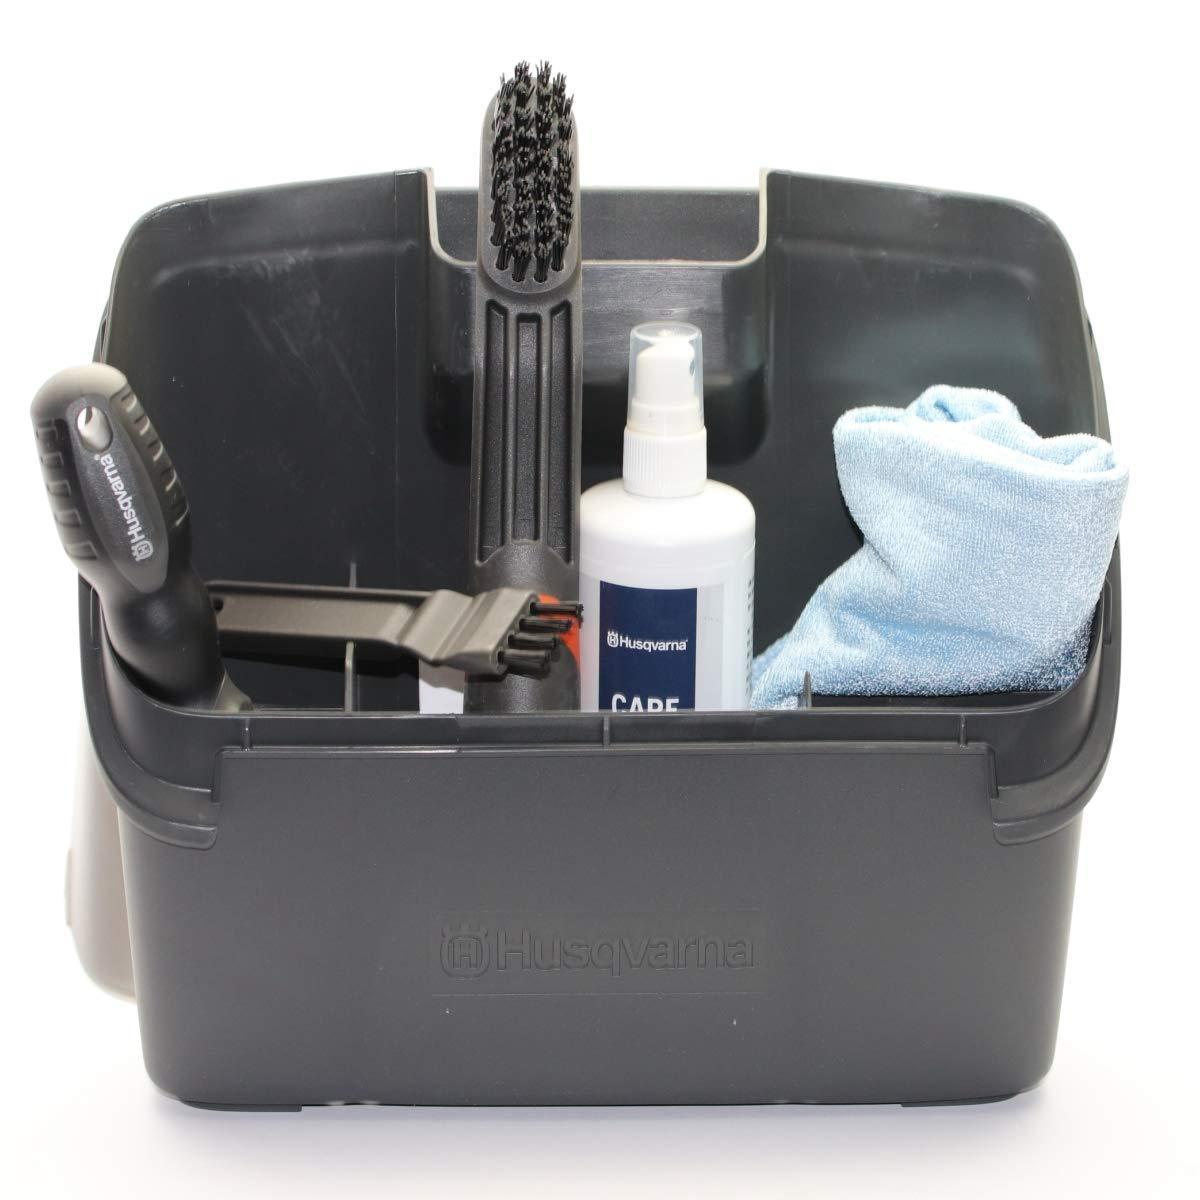 Husqvarna de limpieza y cuidado Box: Amazon.es: Bricolaje y ...